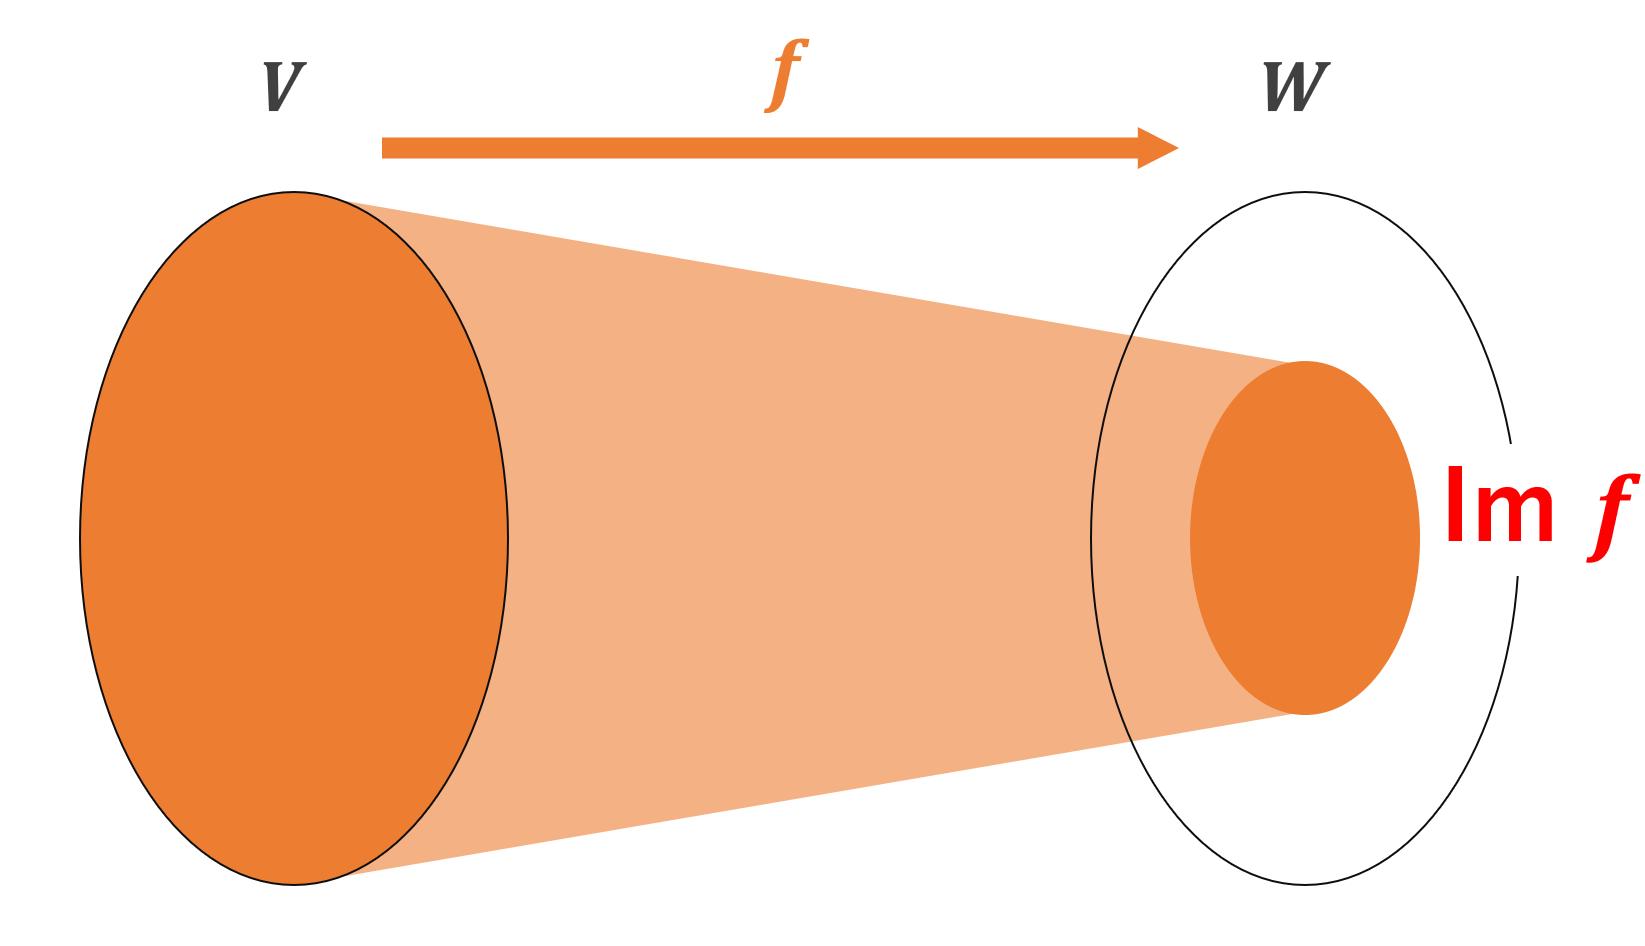 線形写像の像(Im),核(Ker)の定義とそれが部分空間になる証明